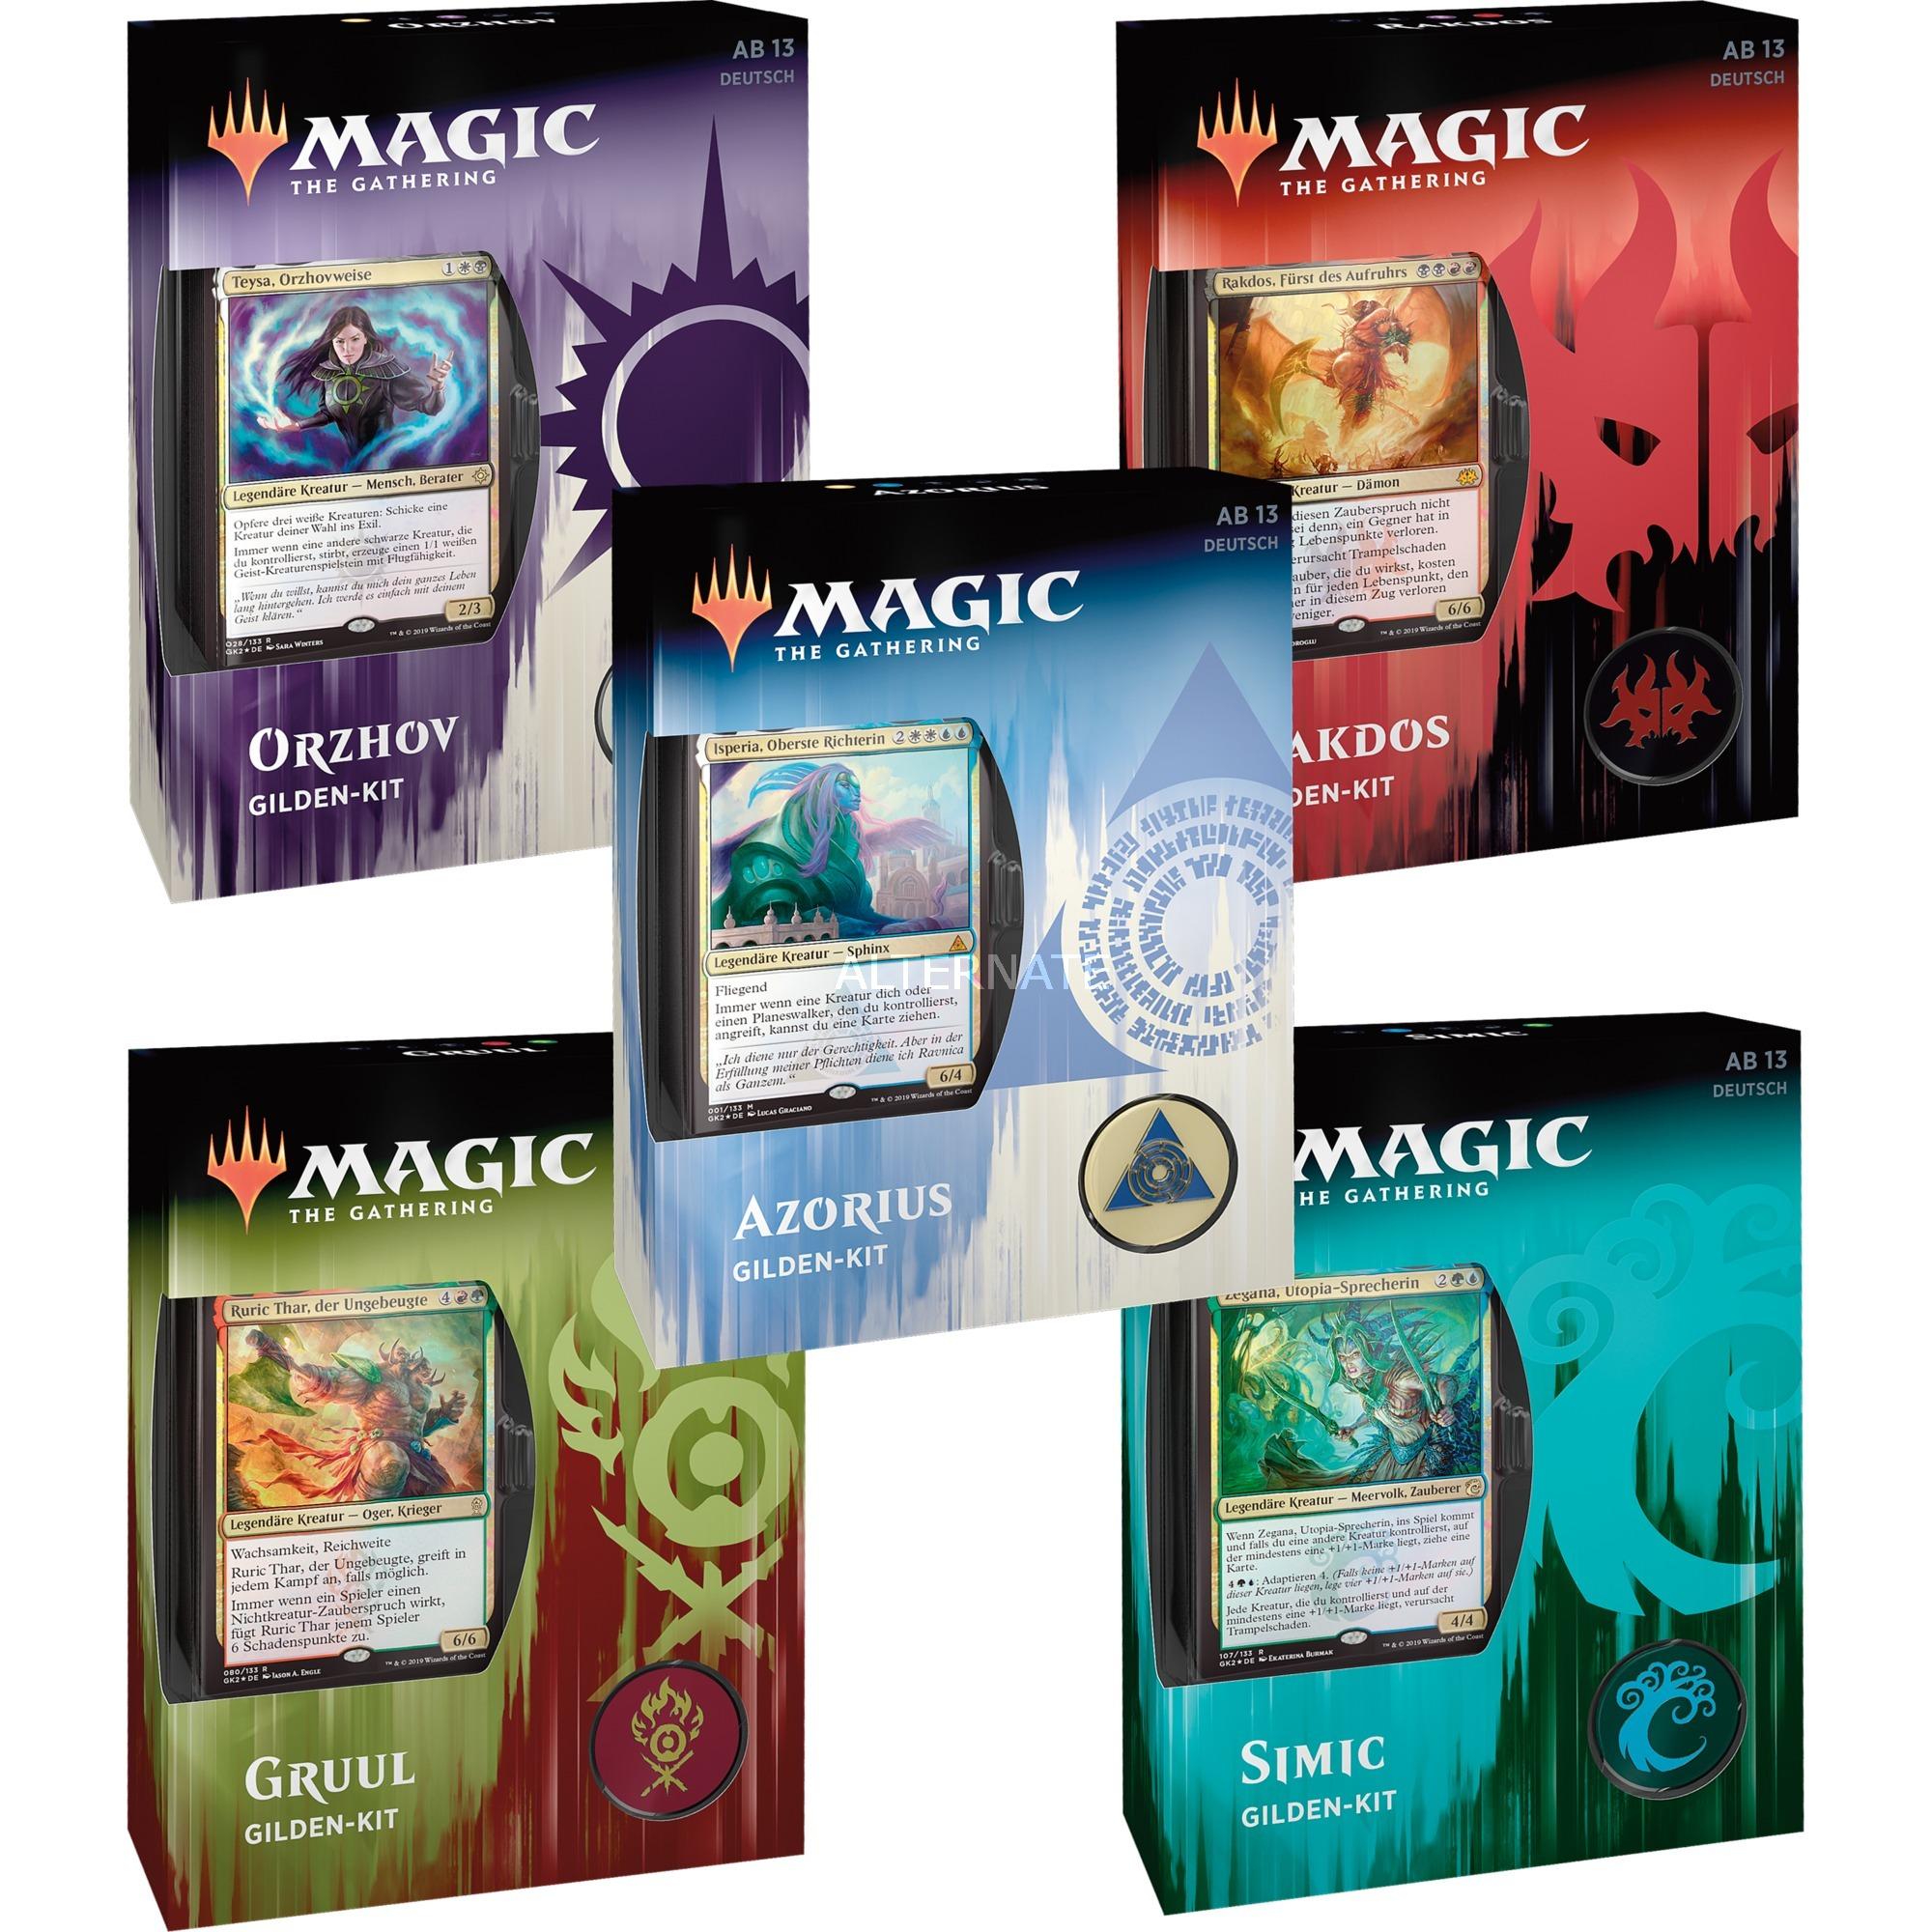 WOTCC50041000, Juegos de cartas